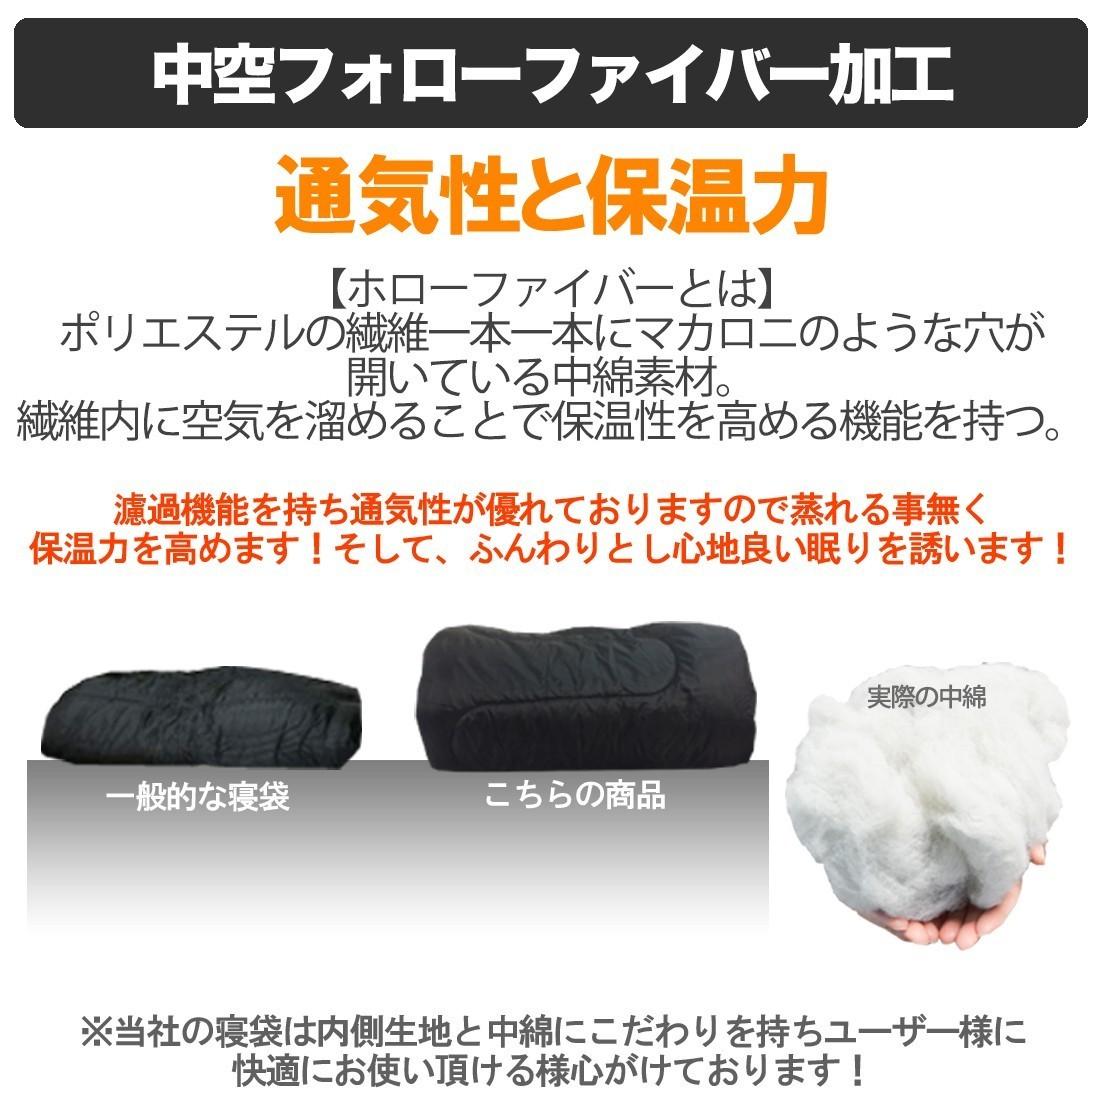 寝袋 シュラフ 封筒型 -15度 デジタル迷彩 デザート 新品未使用 キャンプ